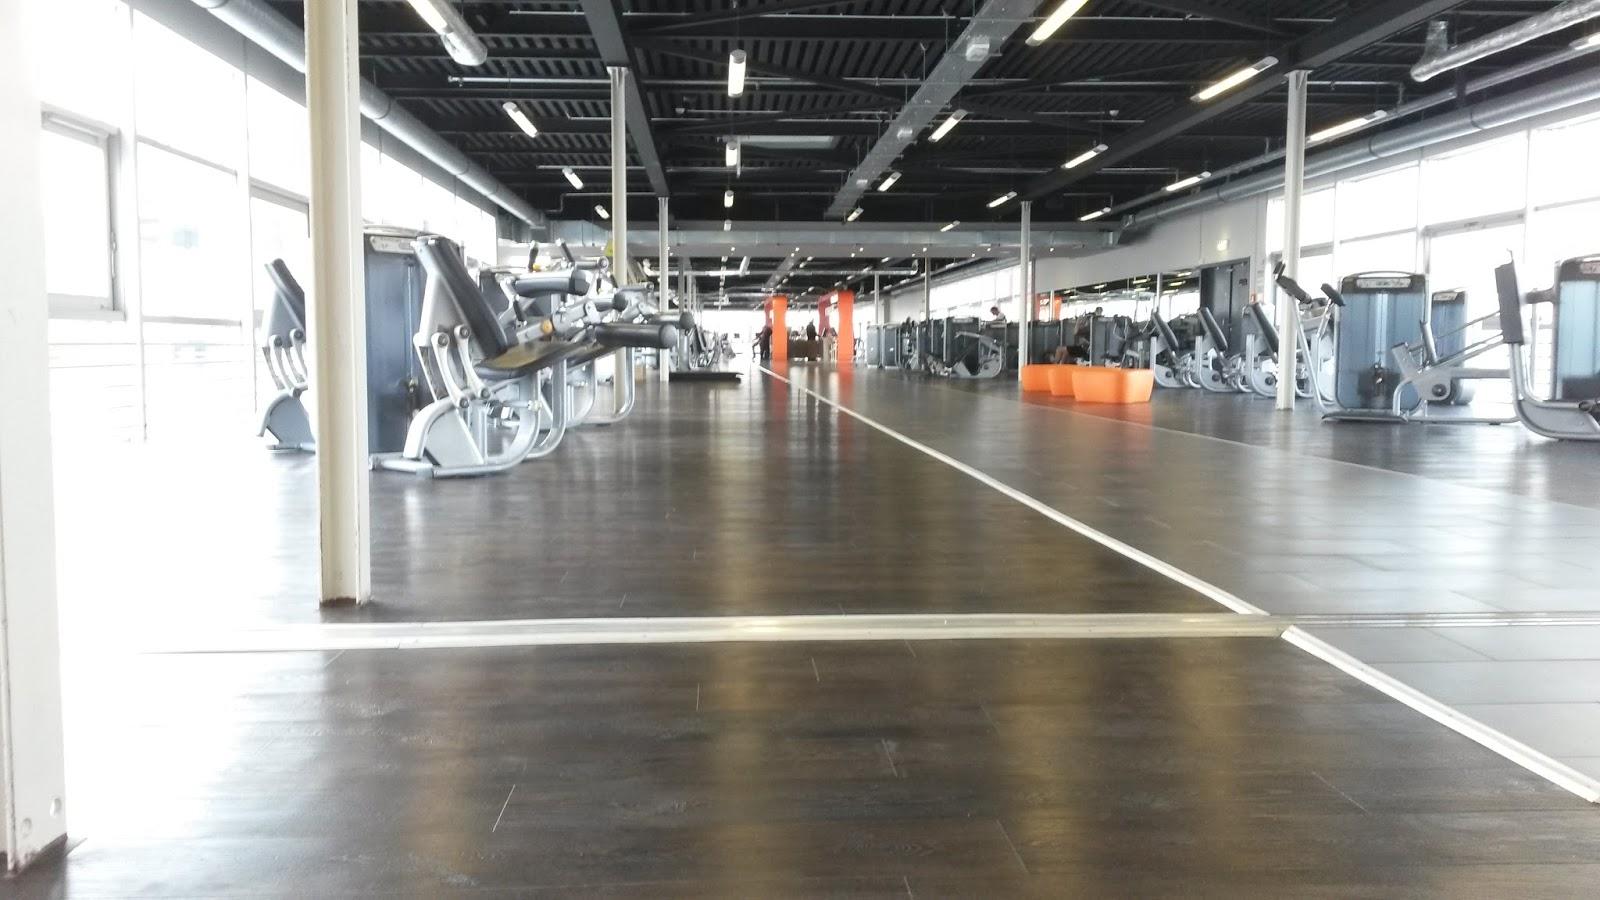 mein jedentag leben und ich gymtest superfit berlin. Black Bedroom Furniture Sets. Home Design Ideas